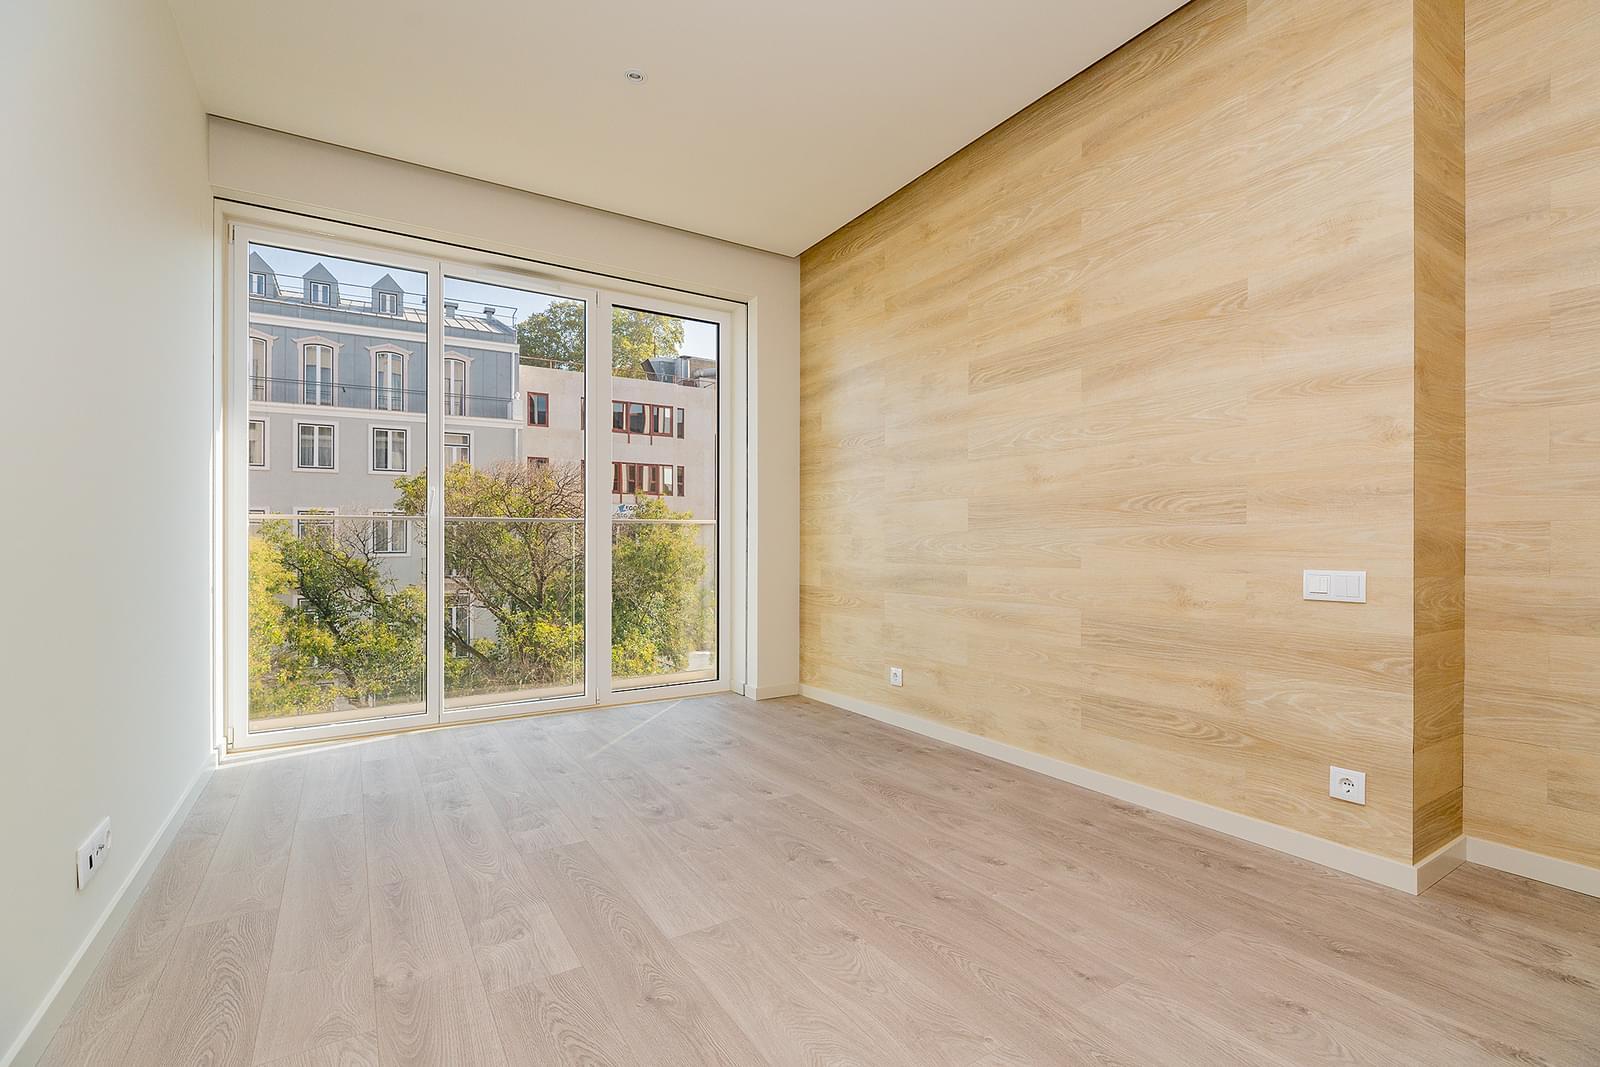 pf18308-apartamento-t2-lisboa-89cd476d-24e9-423a-bce4-654009e770af